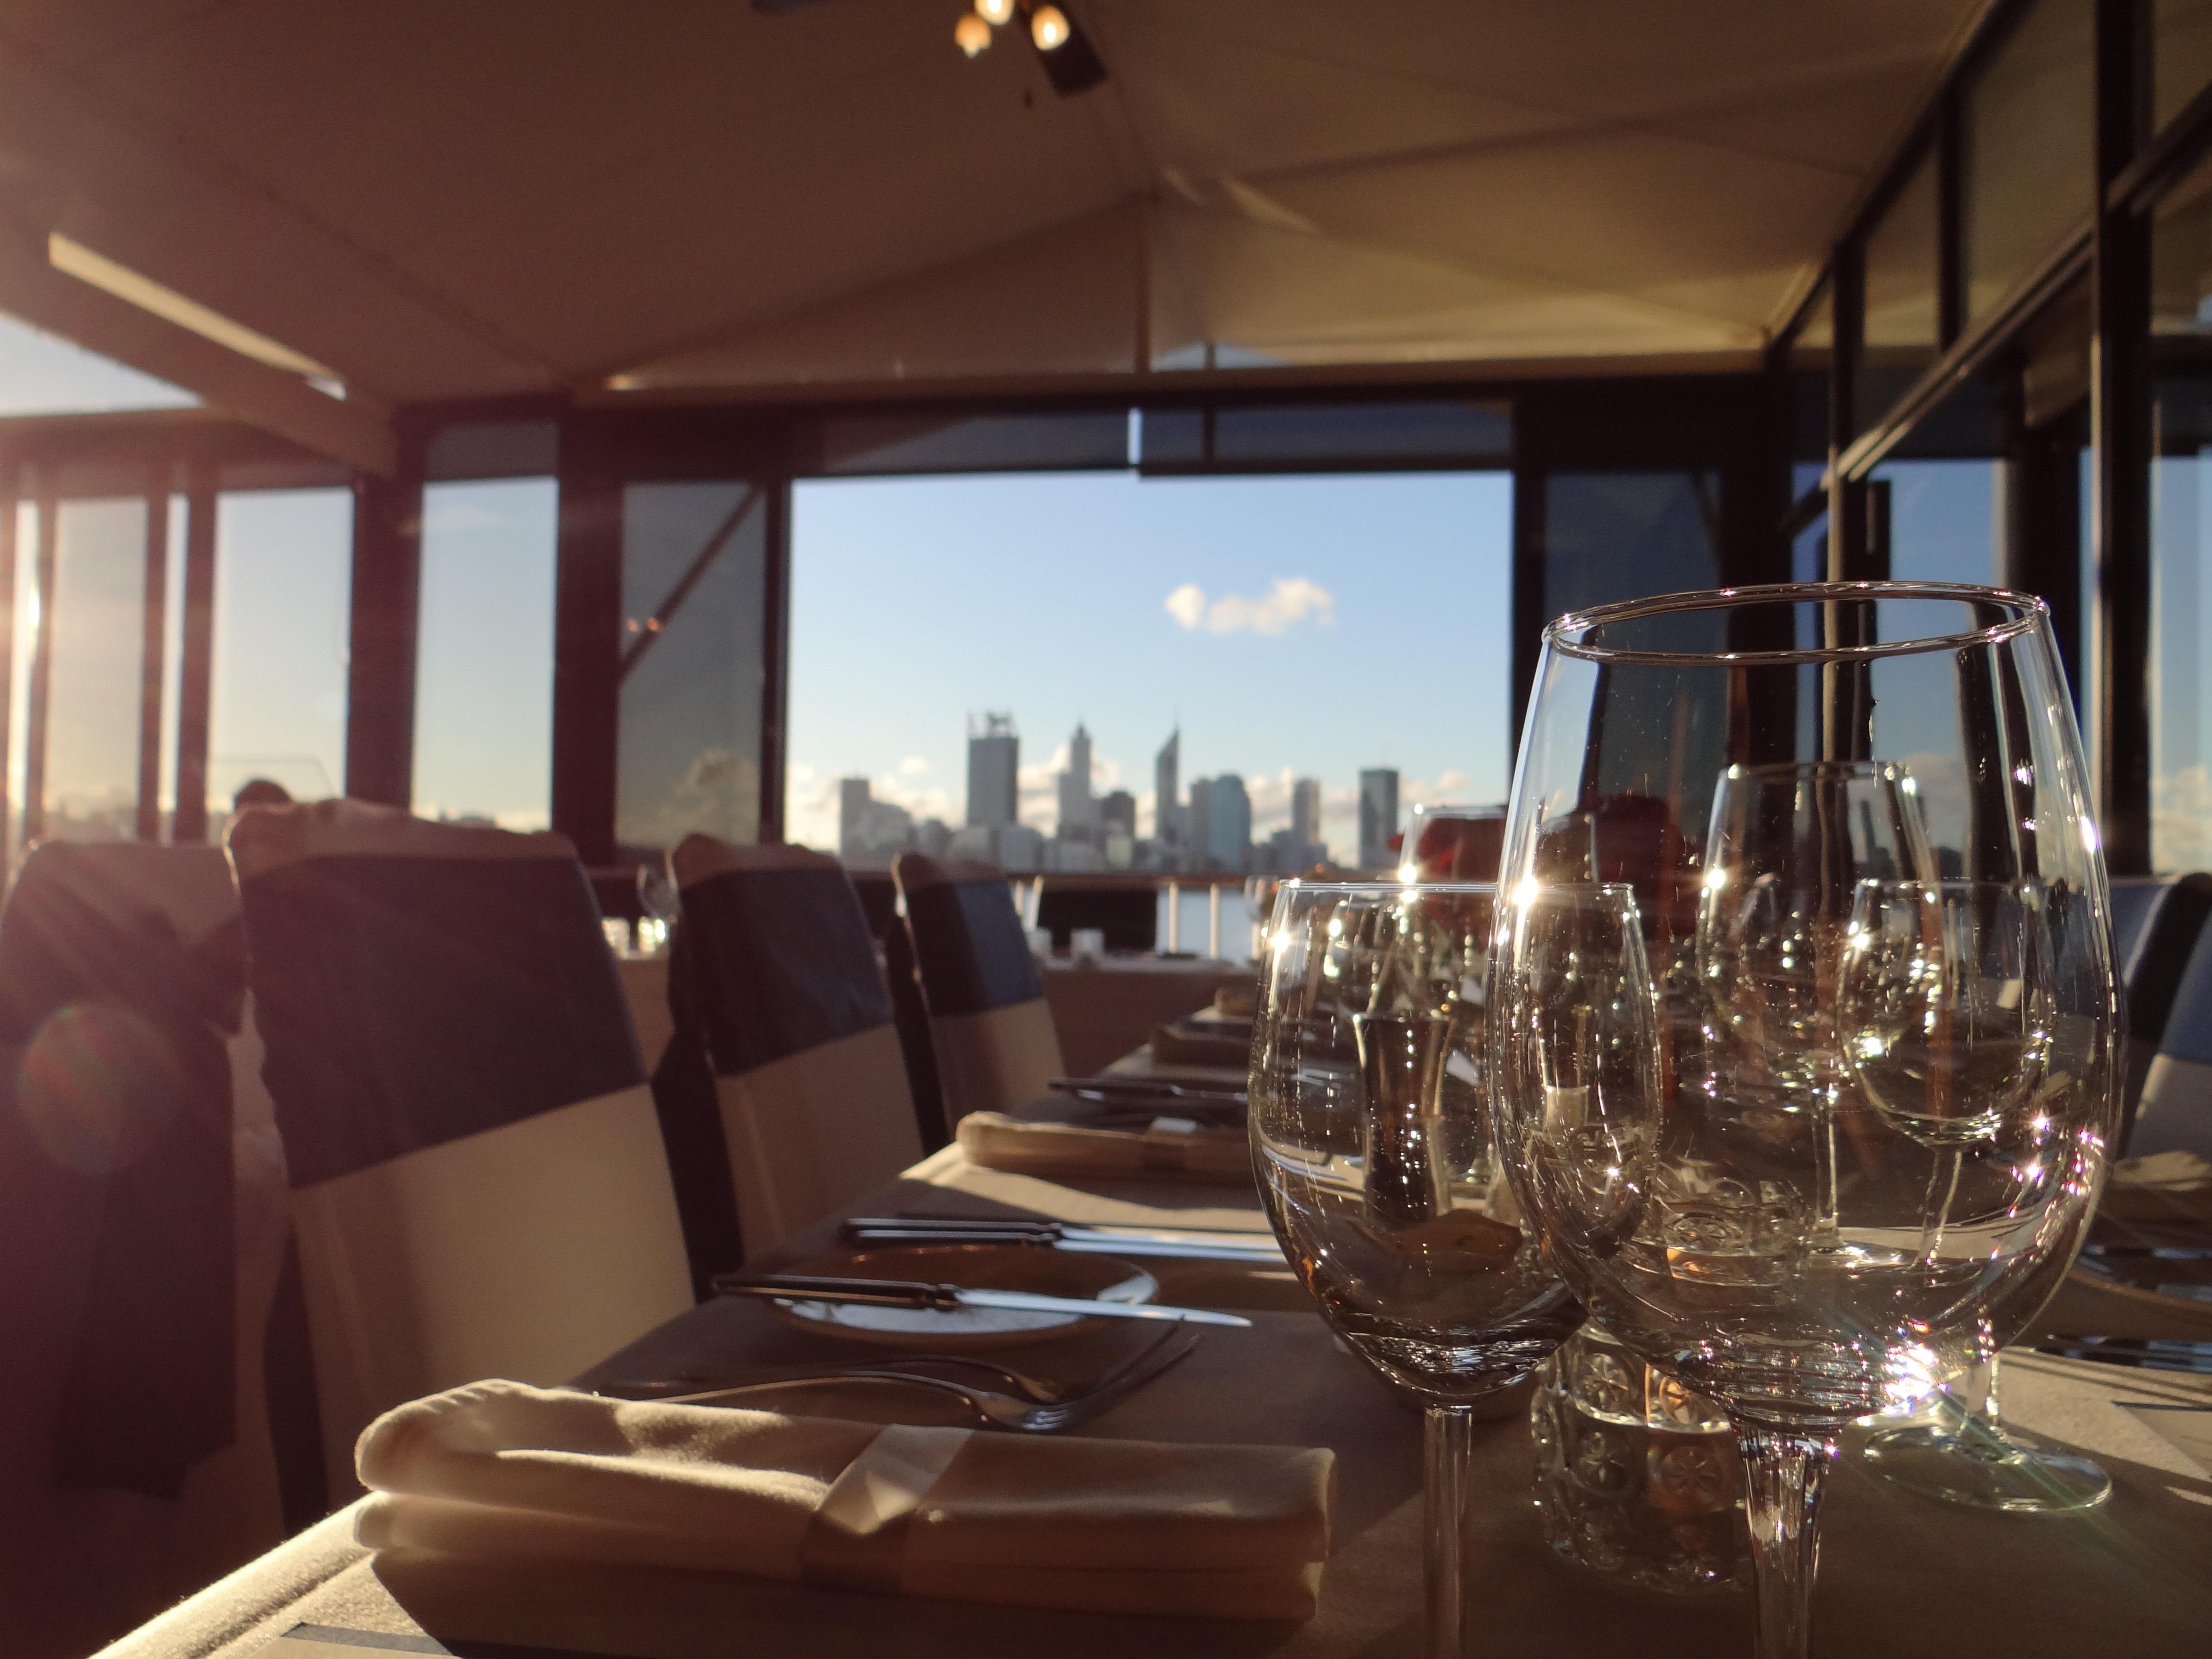 Innenarchitektur Yacht kostenlose foto tabelle glas restaurant mahlzeit fahrzeug